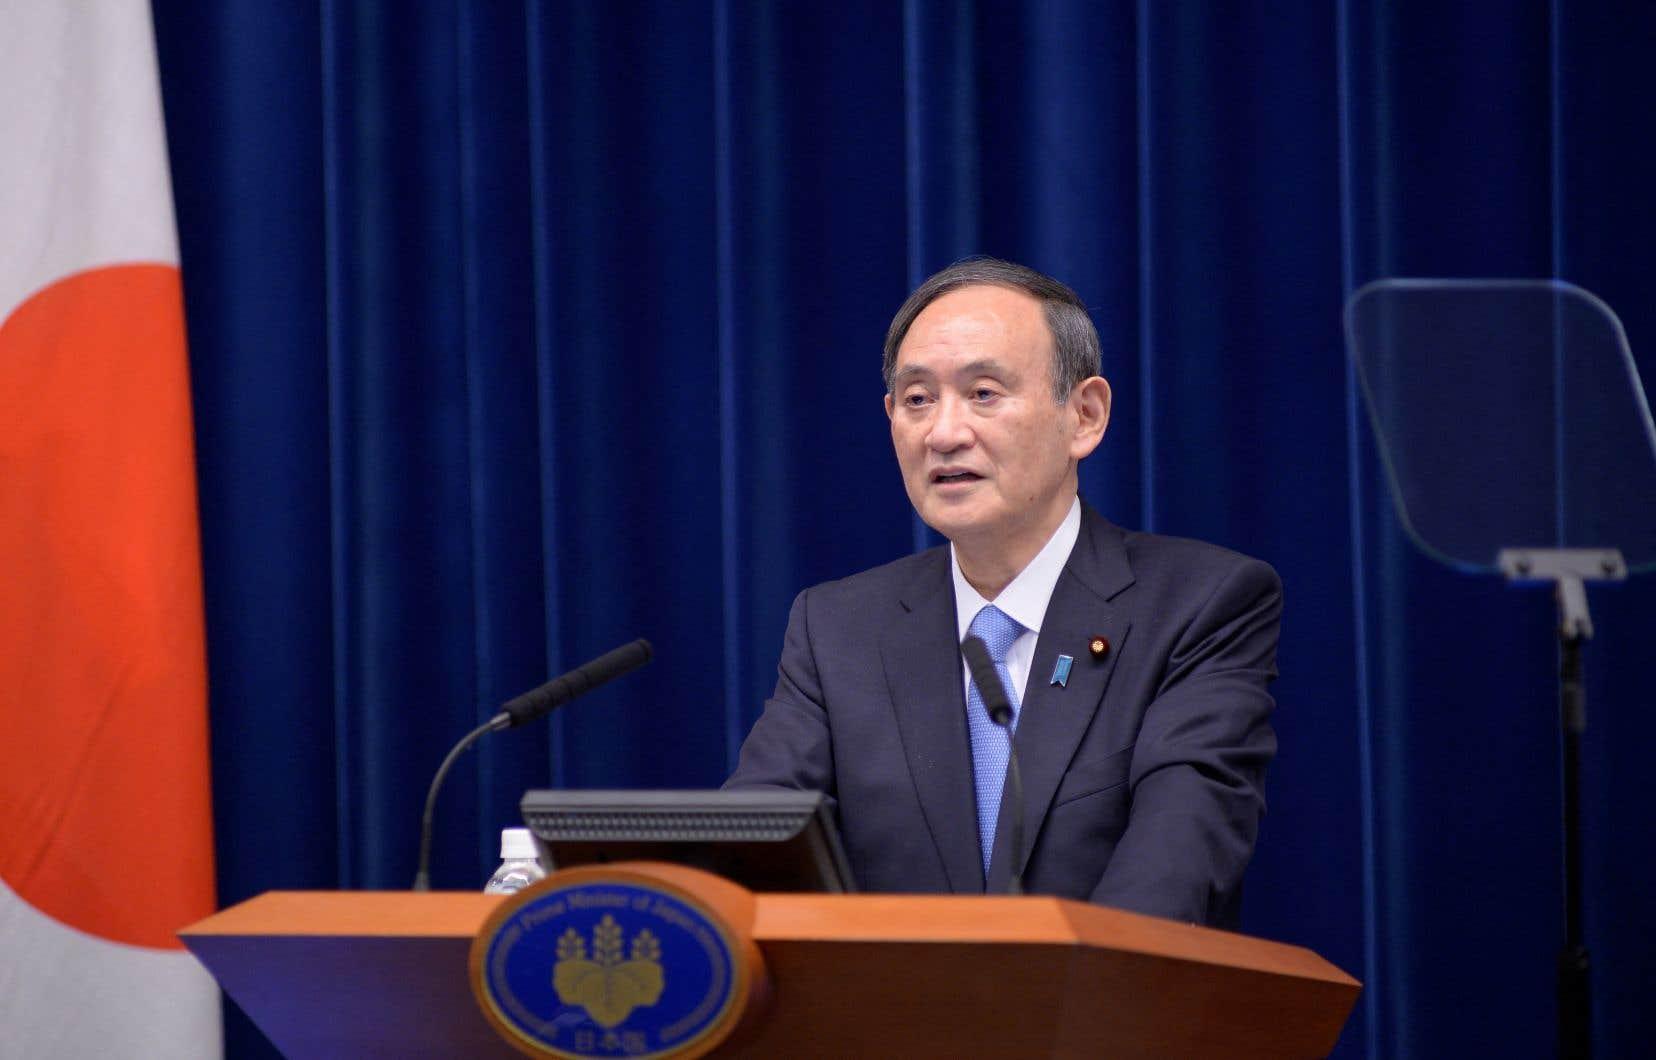 Le scandale pourrait faire mal à M.Suga, dont le taux d'approbation est déjà en chute libre.